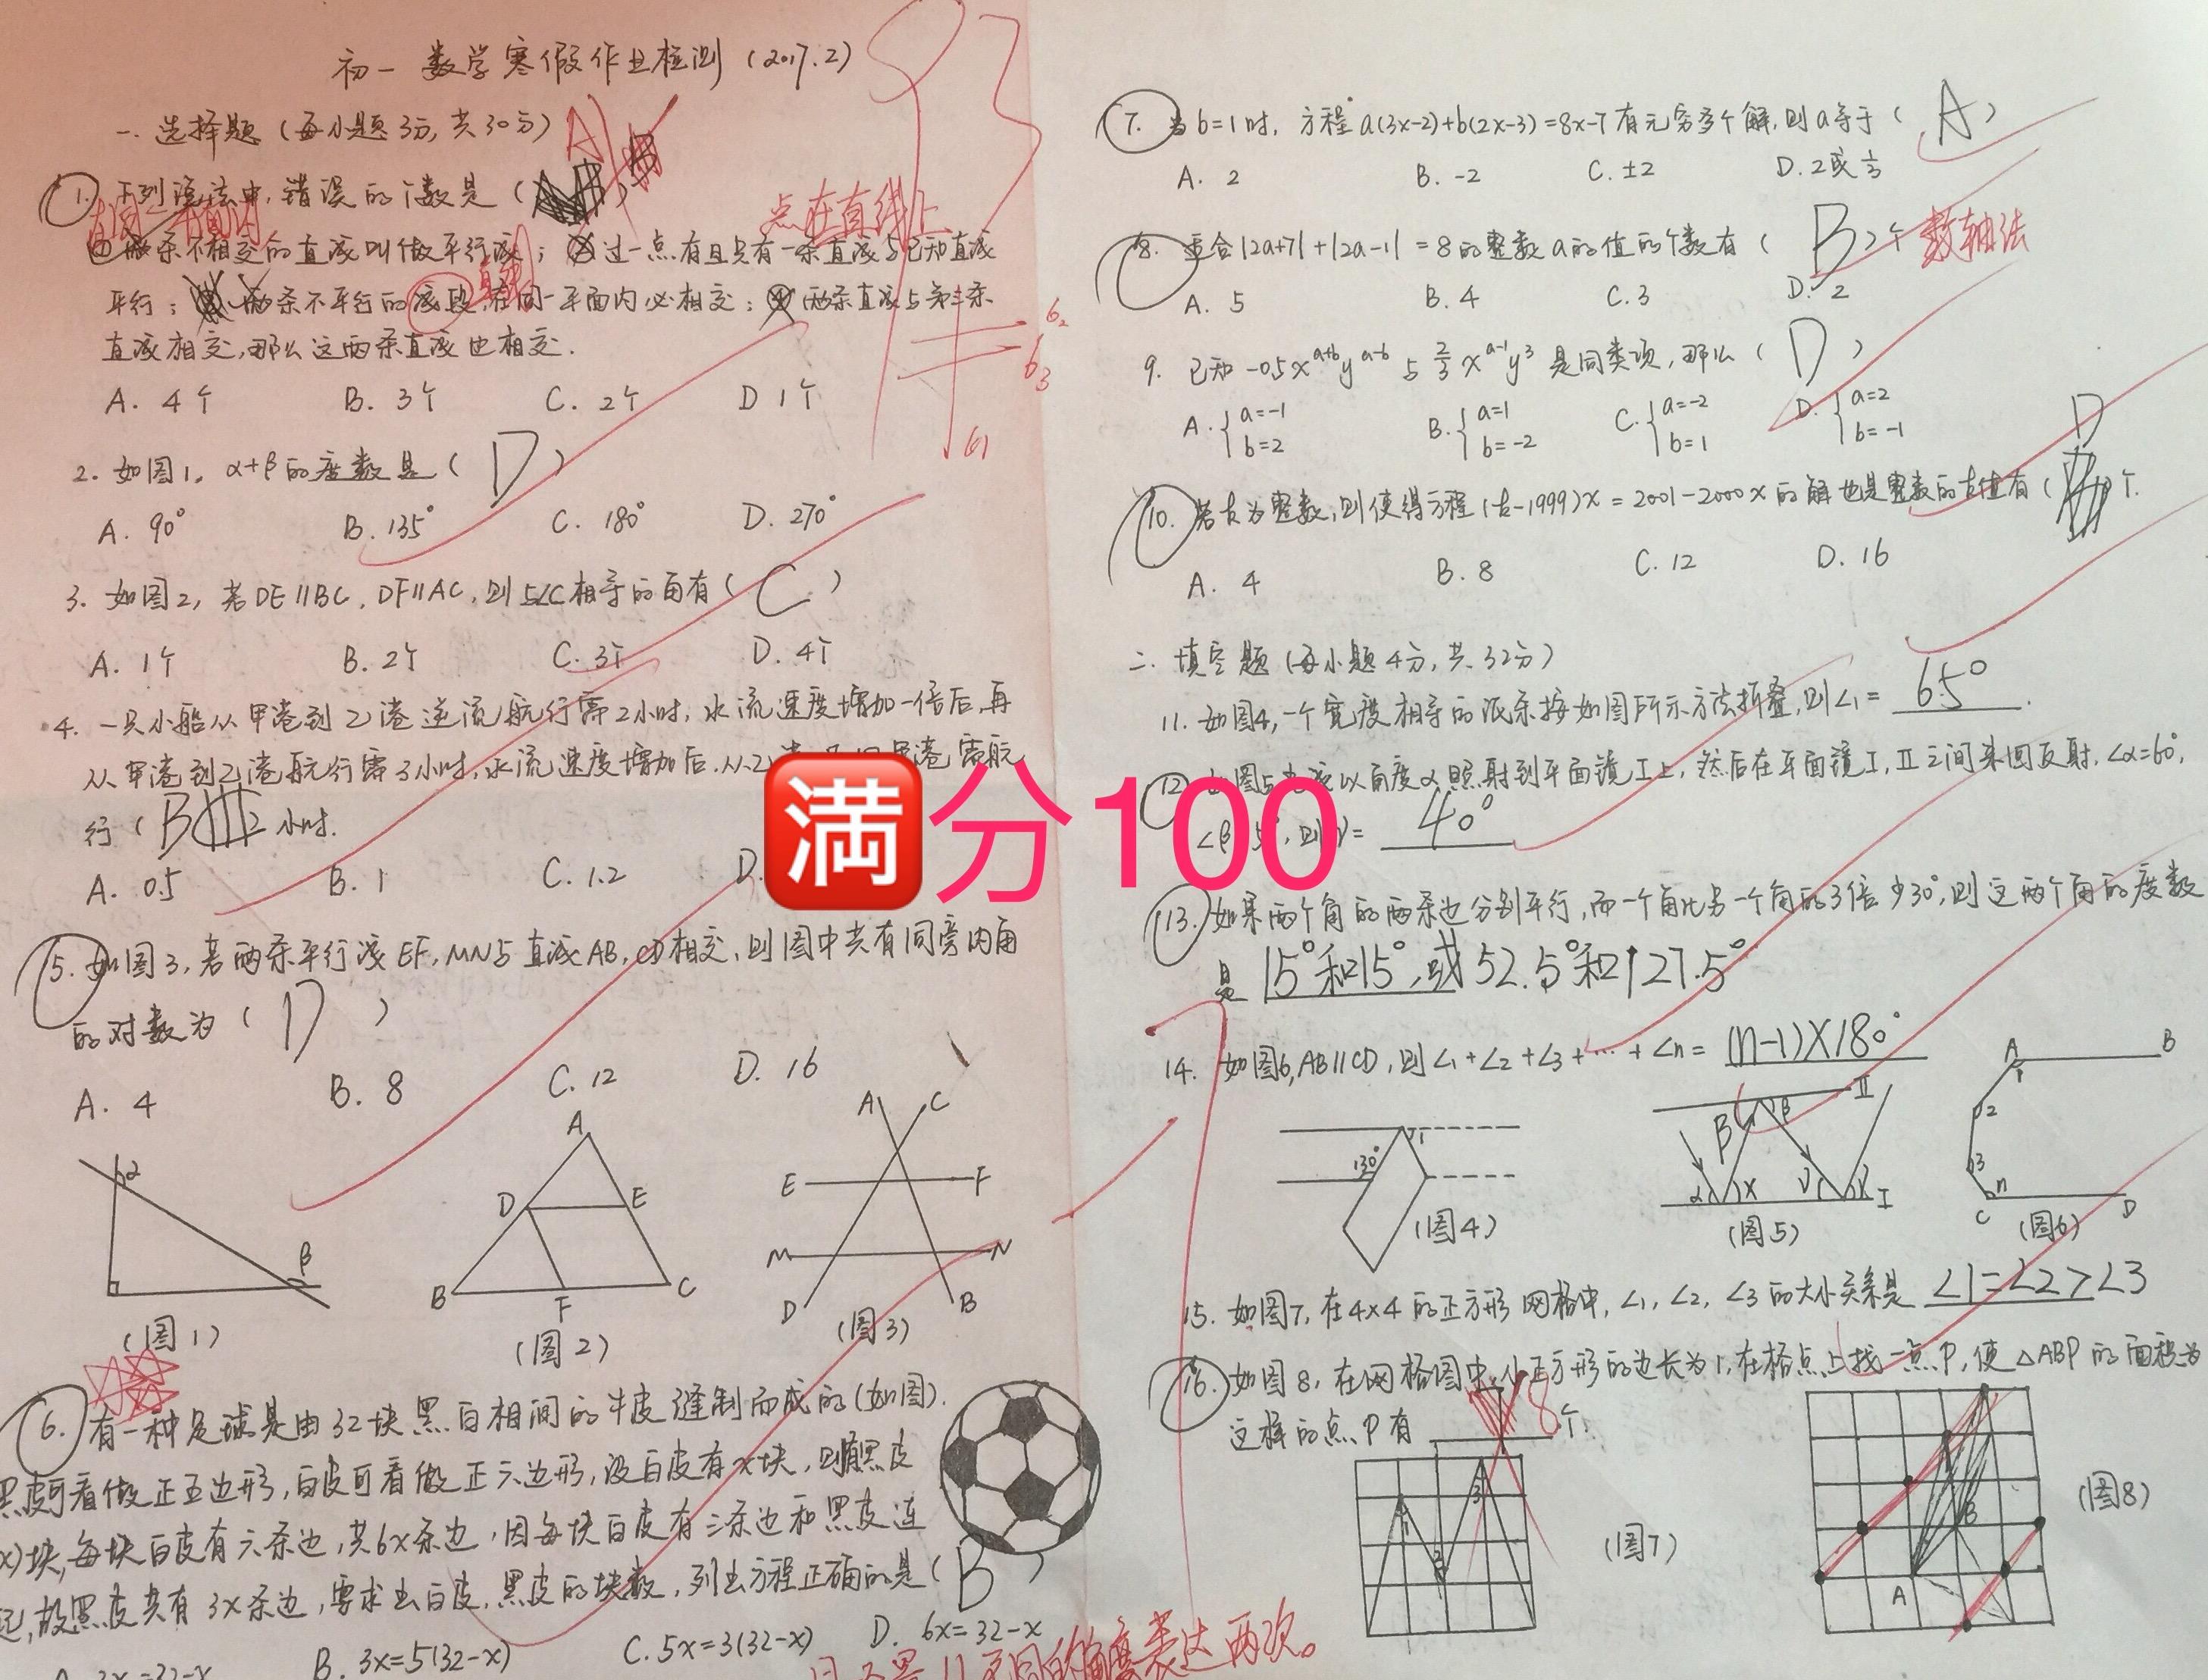 梁老师师相册38